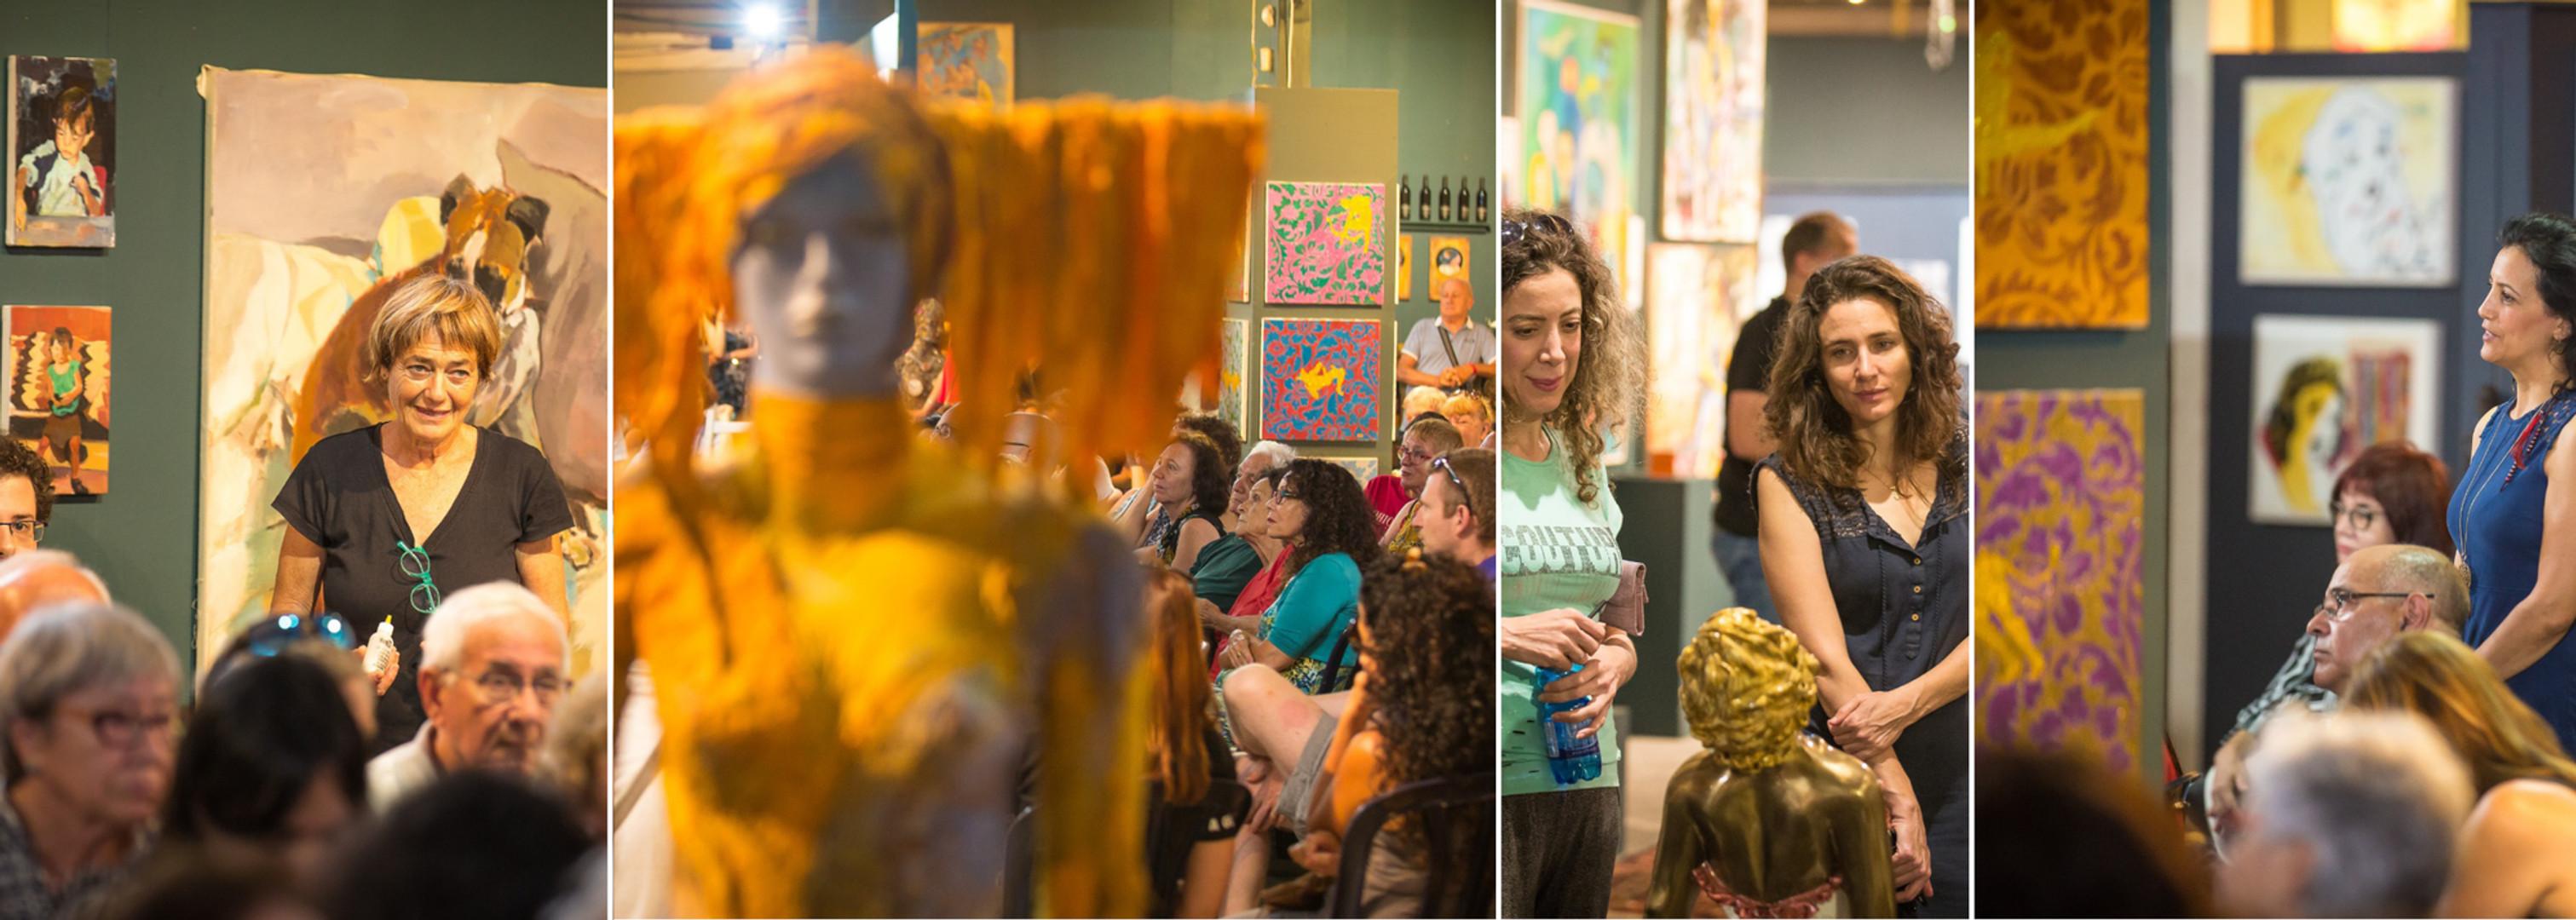 פרהסיה - שבת אמנותית בגלריה